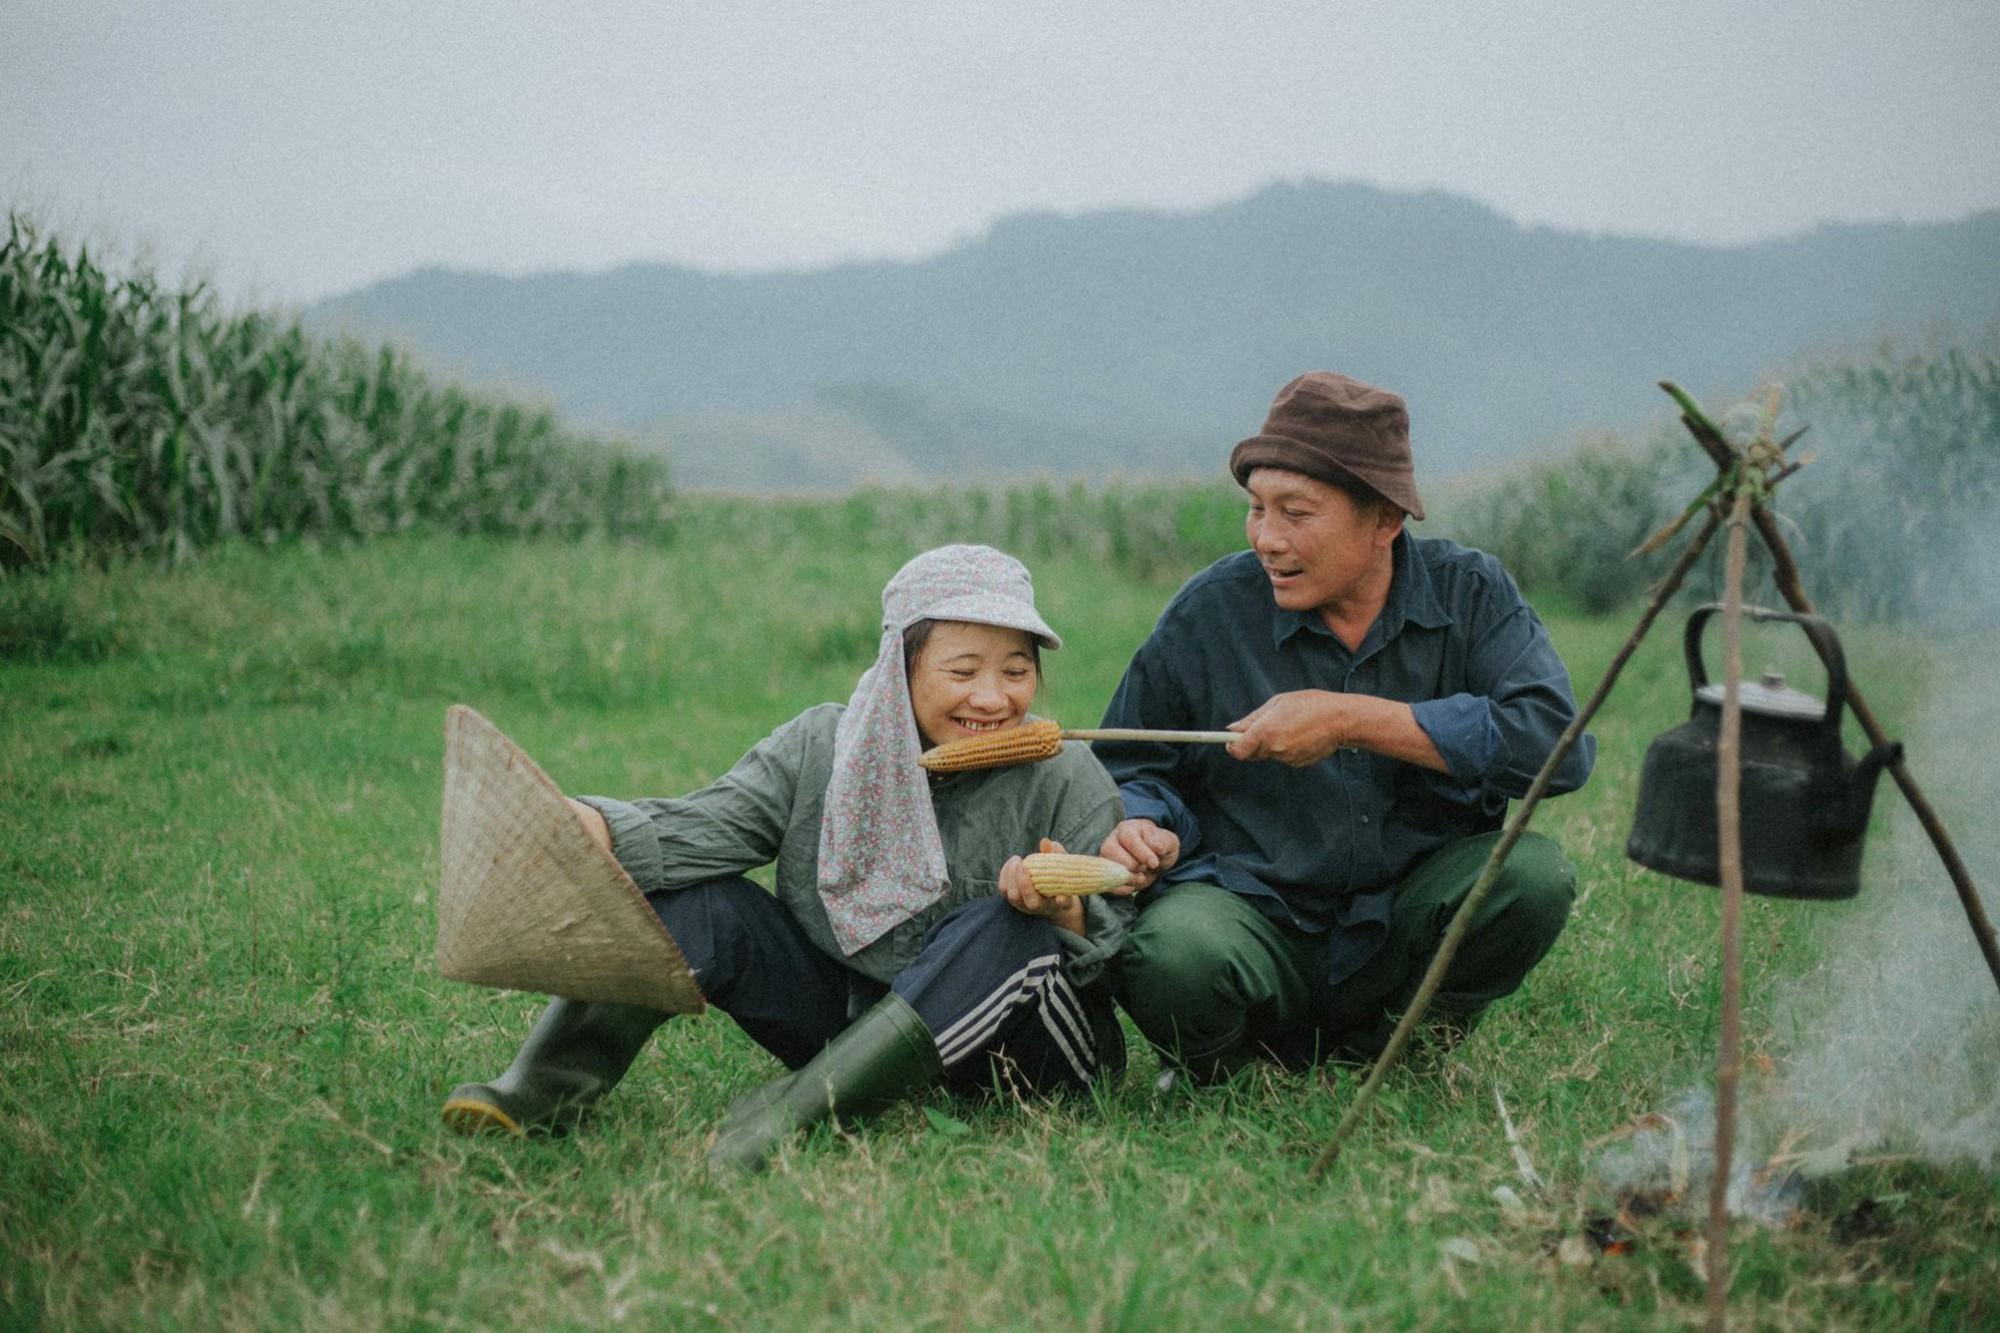 Bộ ảnh con trai chụp bố mẹ trên cánh đồng khiến ai cũng bất giác mỉm cười  vì quá đỗi bình yên